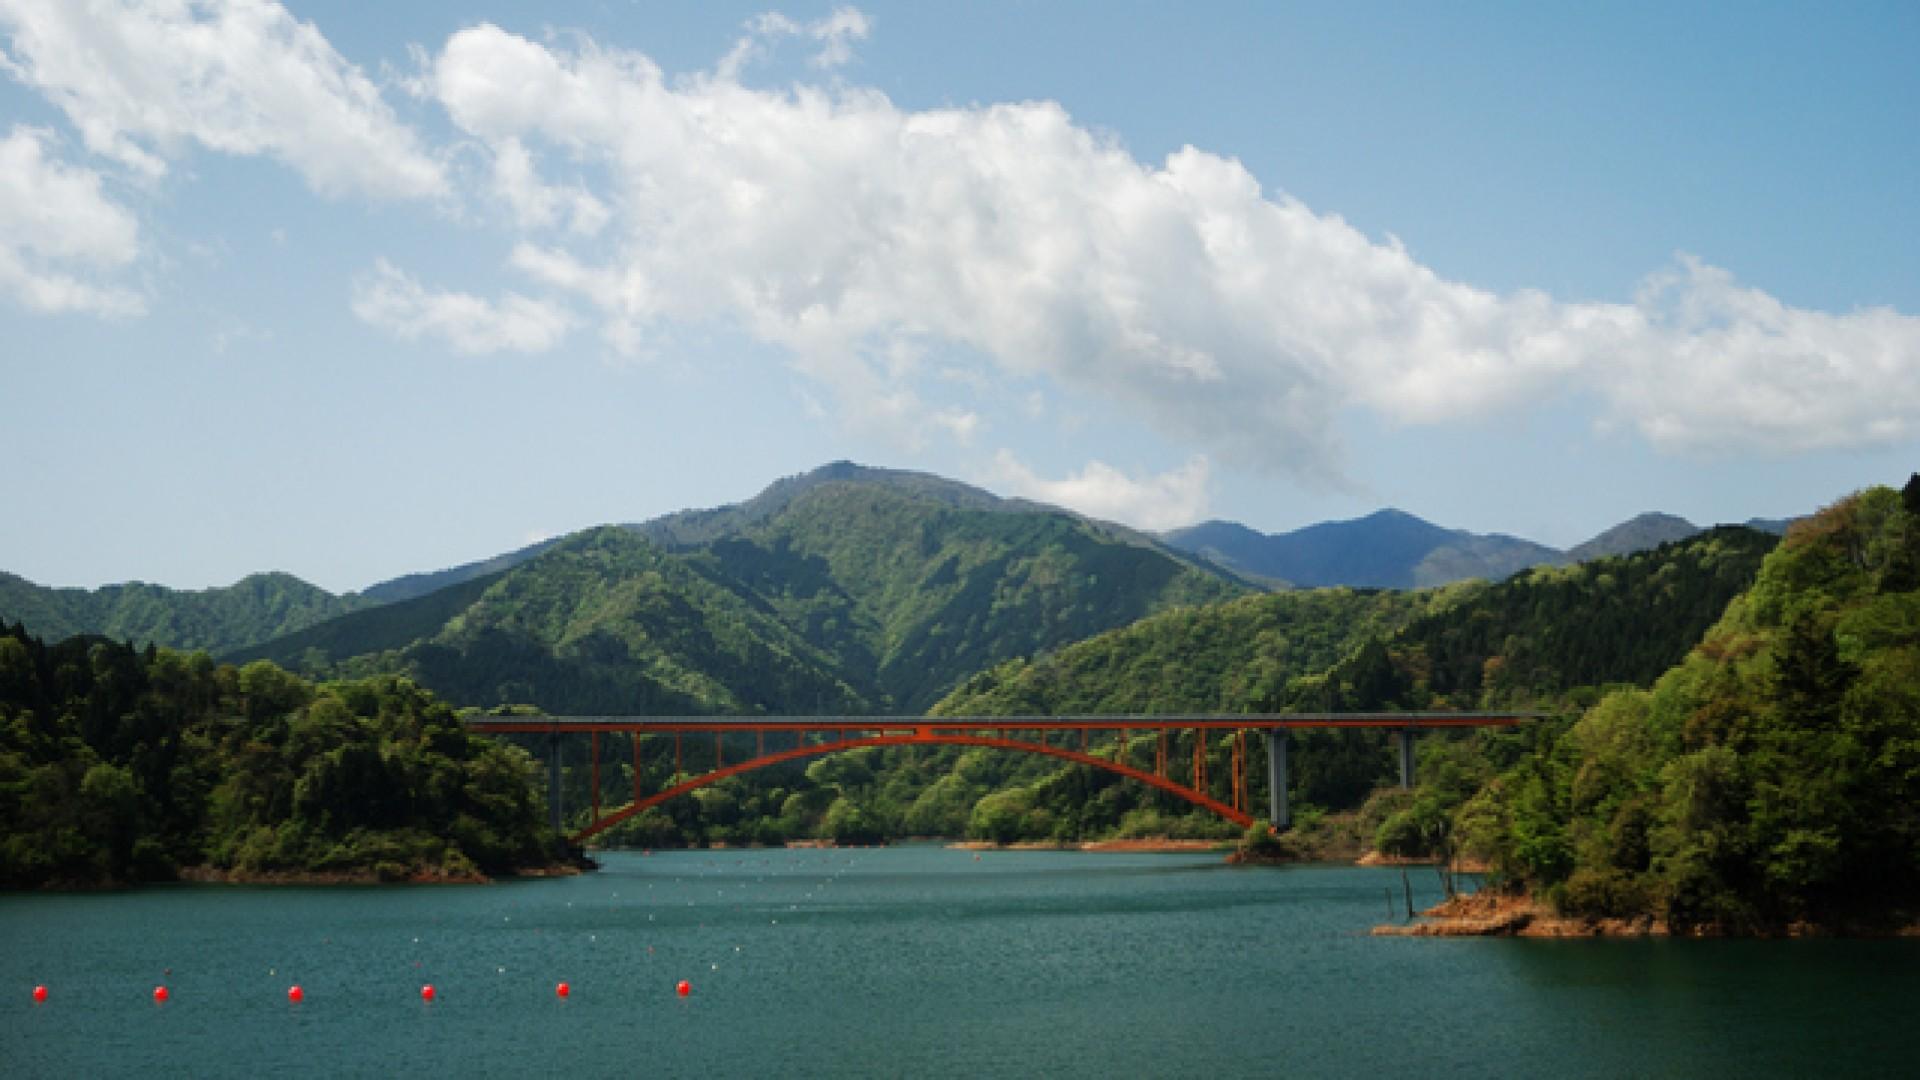 Nijinoo Brücke